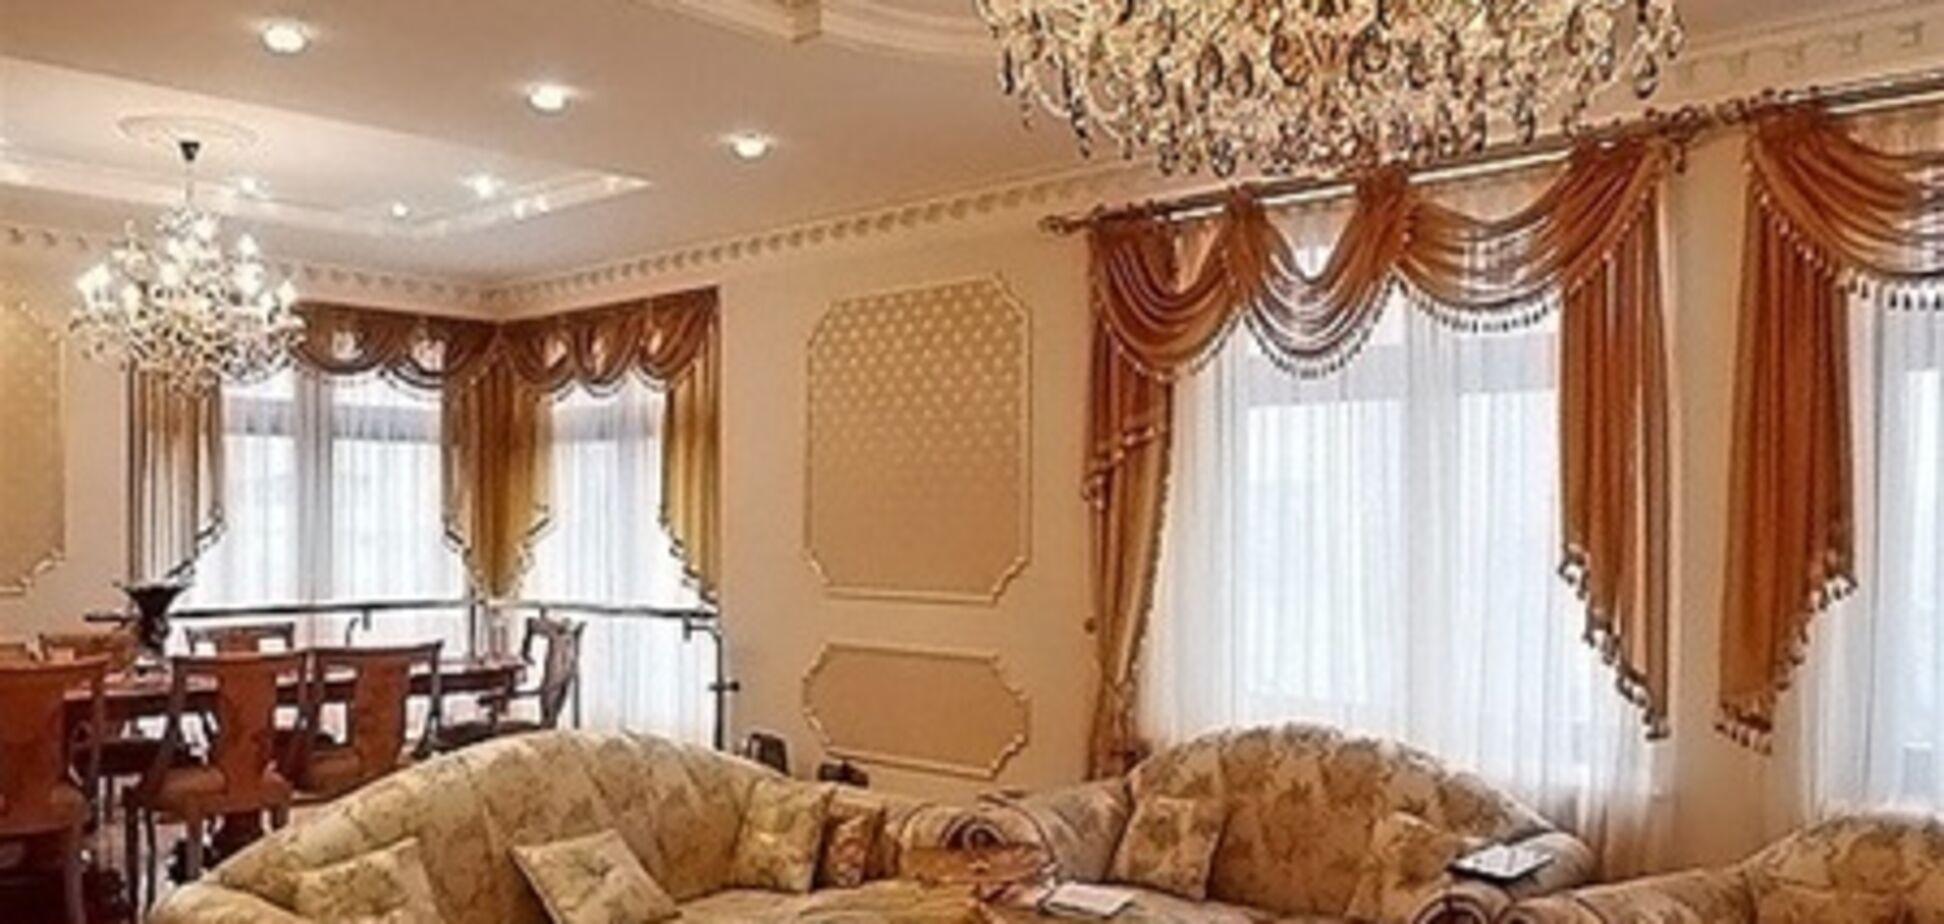 Элитная недвижимость в Украине дешевле, чем за рубежом